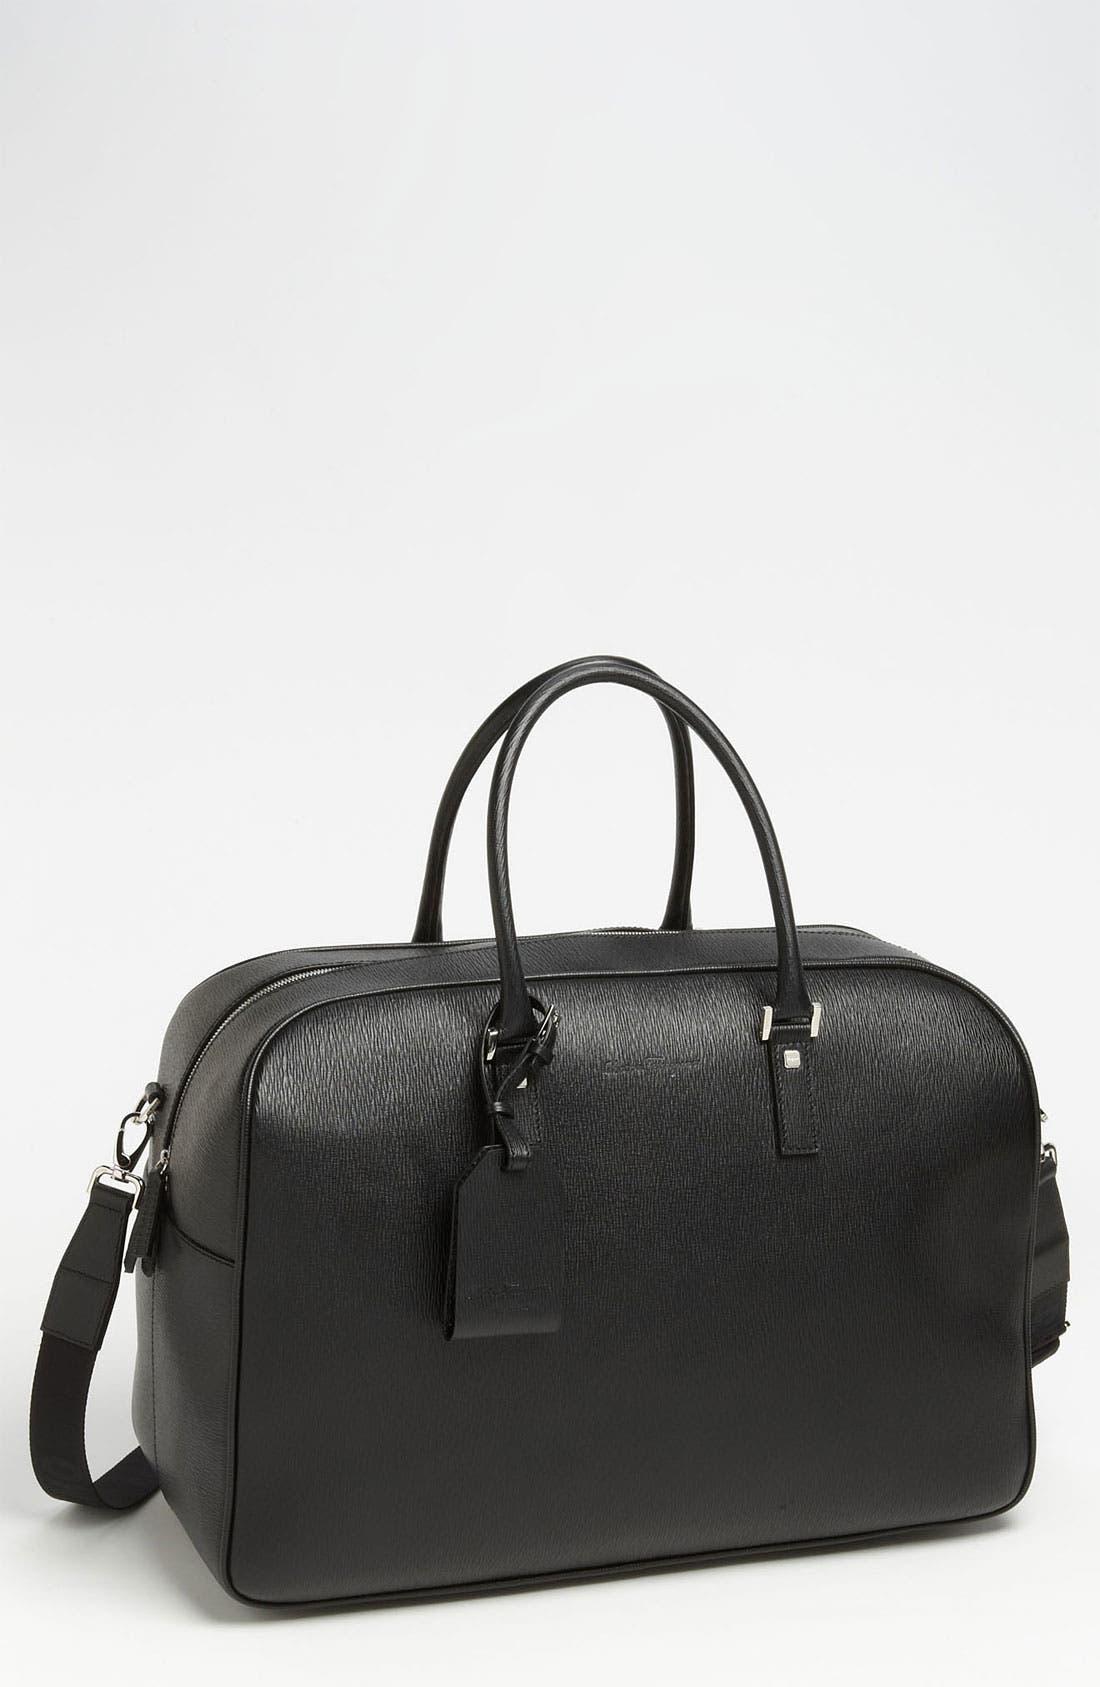 Alternate Image 1 Selected - Salvatore Ferragamo 'Revival' Duffel Bag